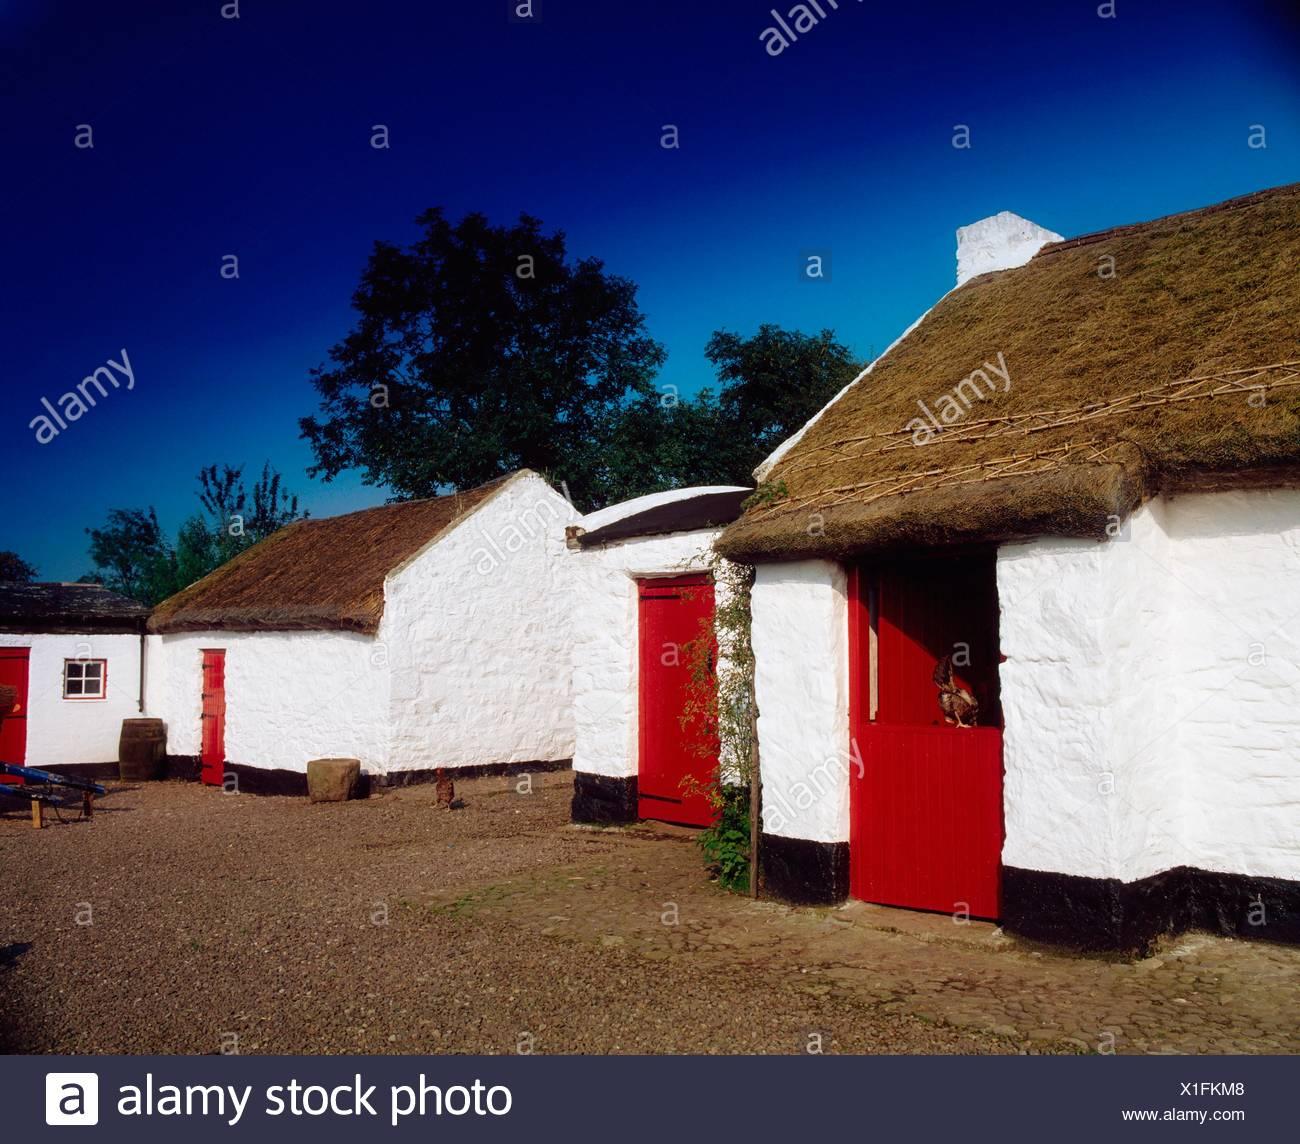 Angestammten Heimat, Co Tyrone, Irland zu gewähren; Gehöft der Familie von Ulysses Simpson Grant Stockbild